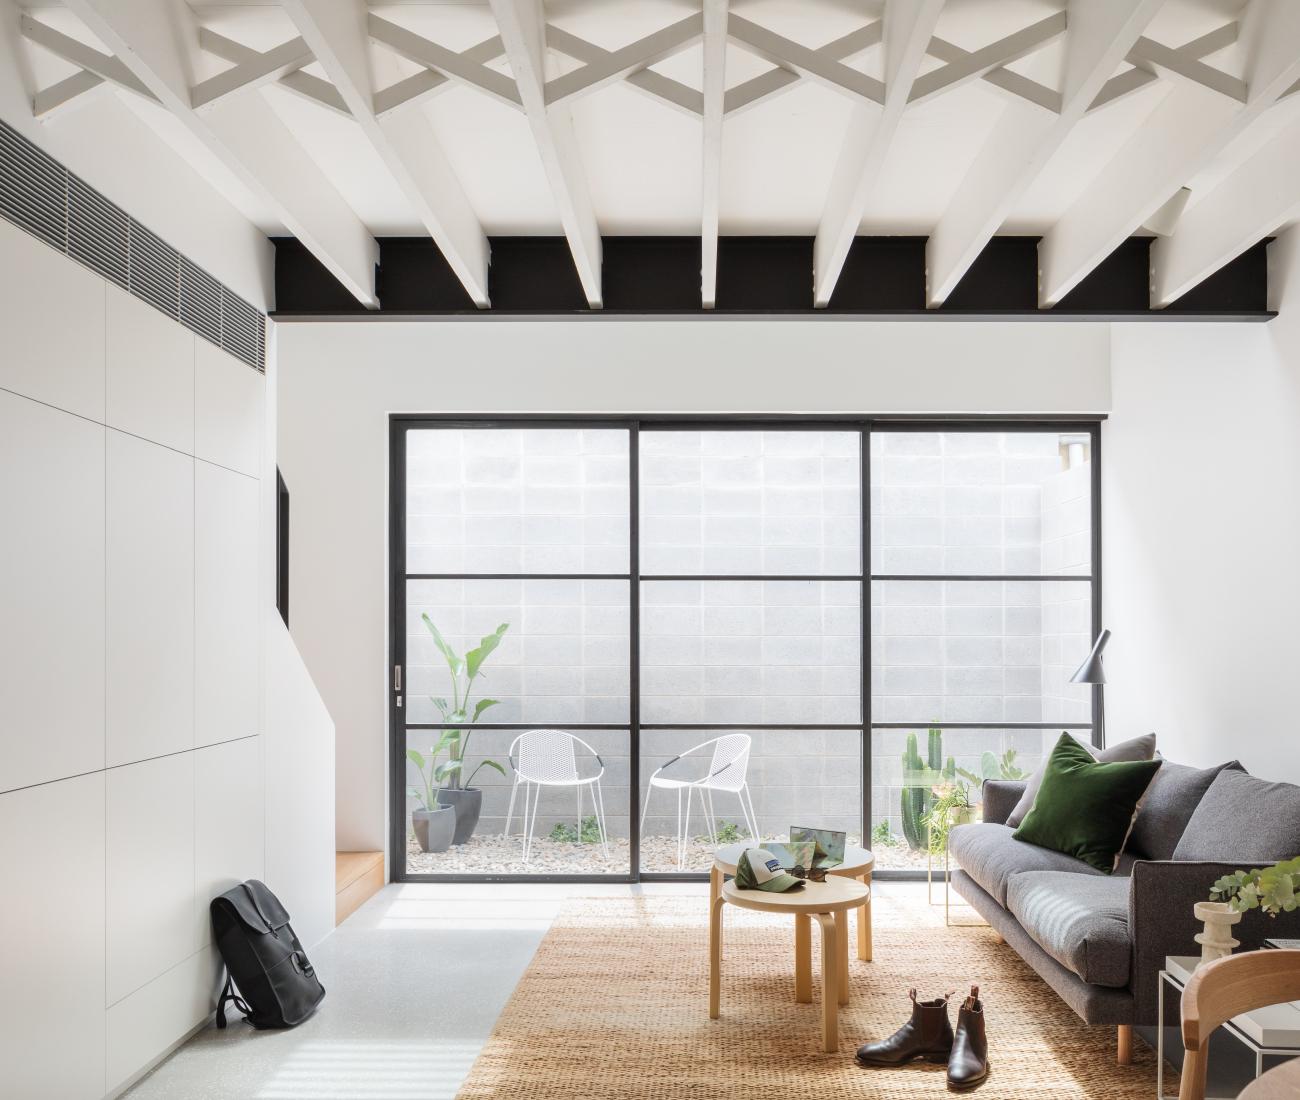 Brad Swartz Architect for Loft House x2, NSW